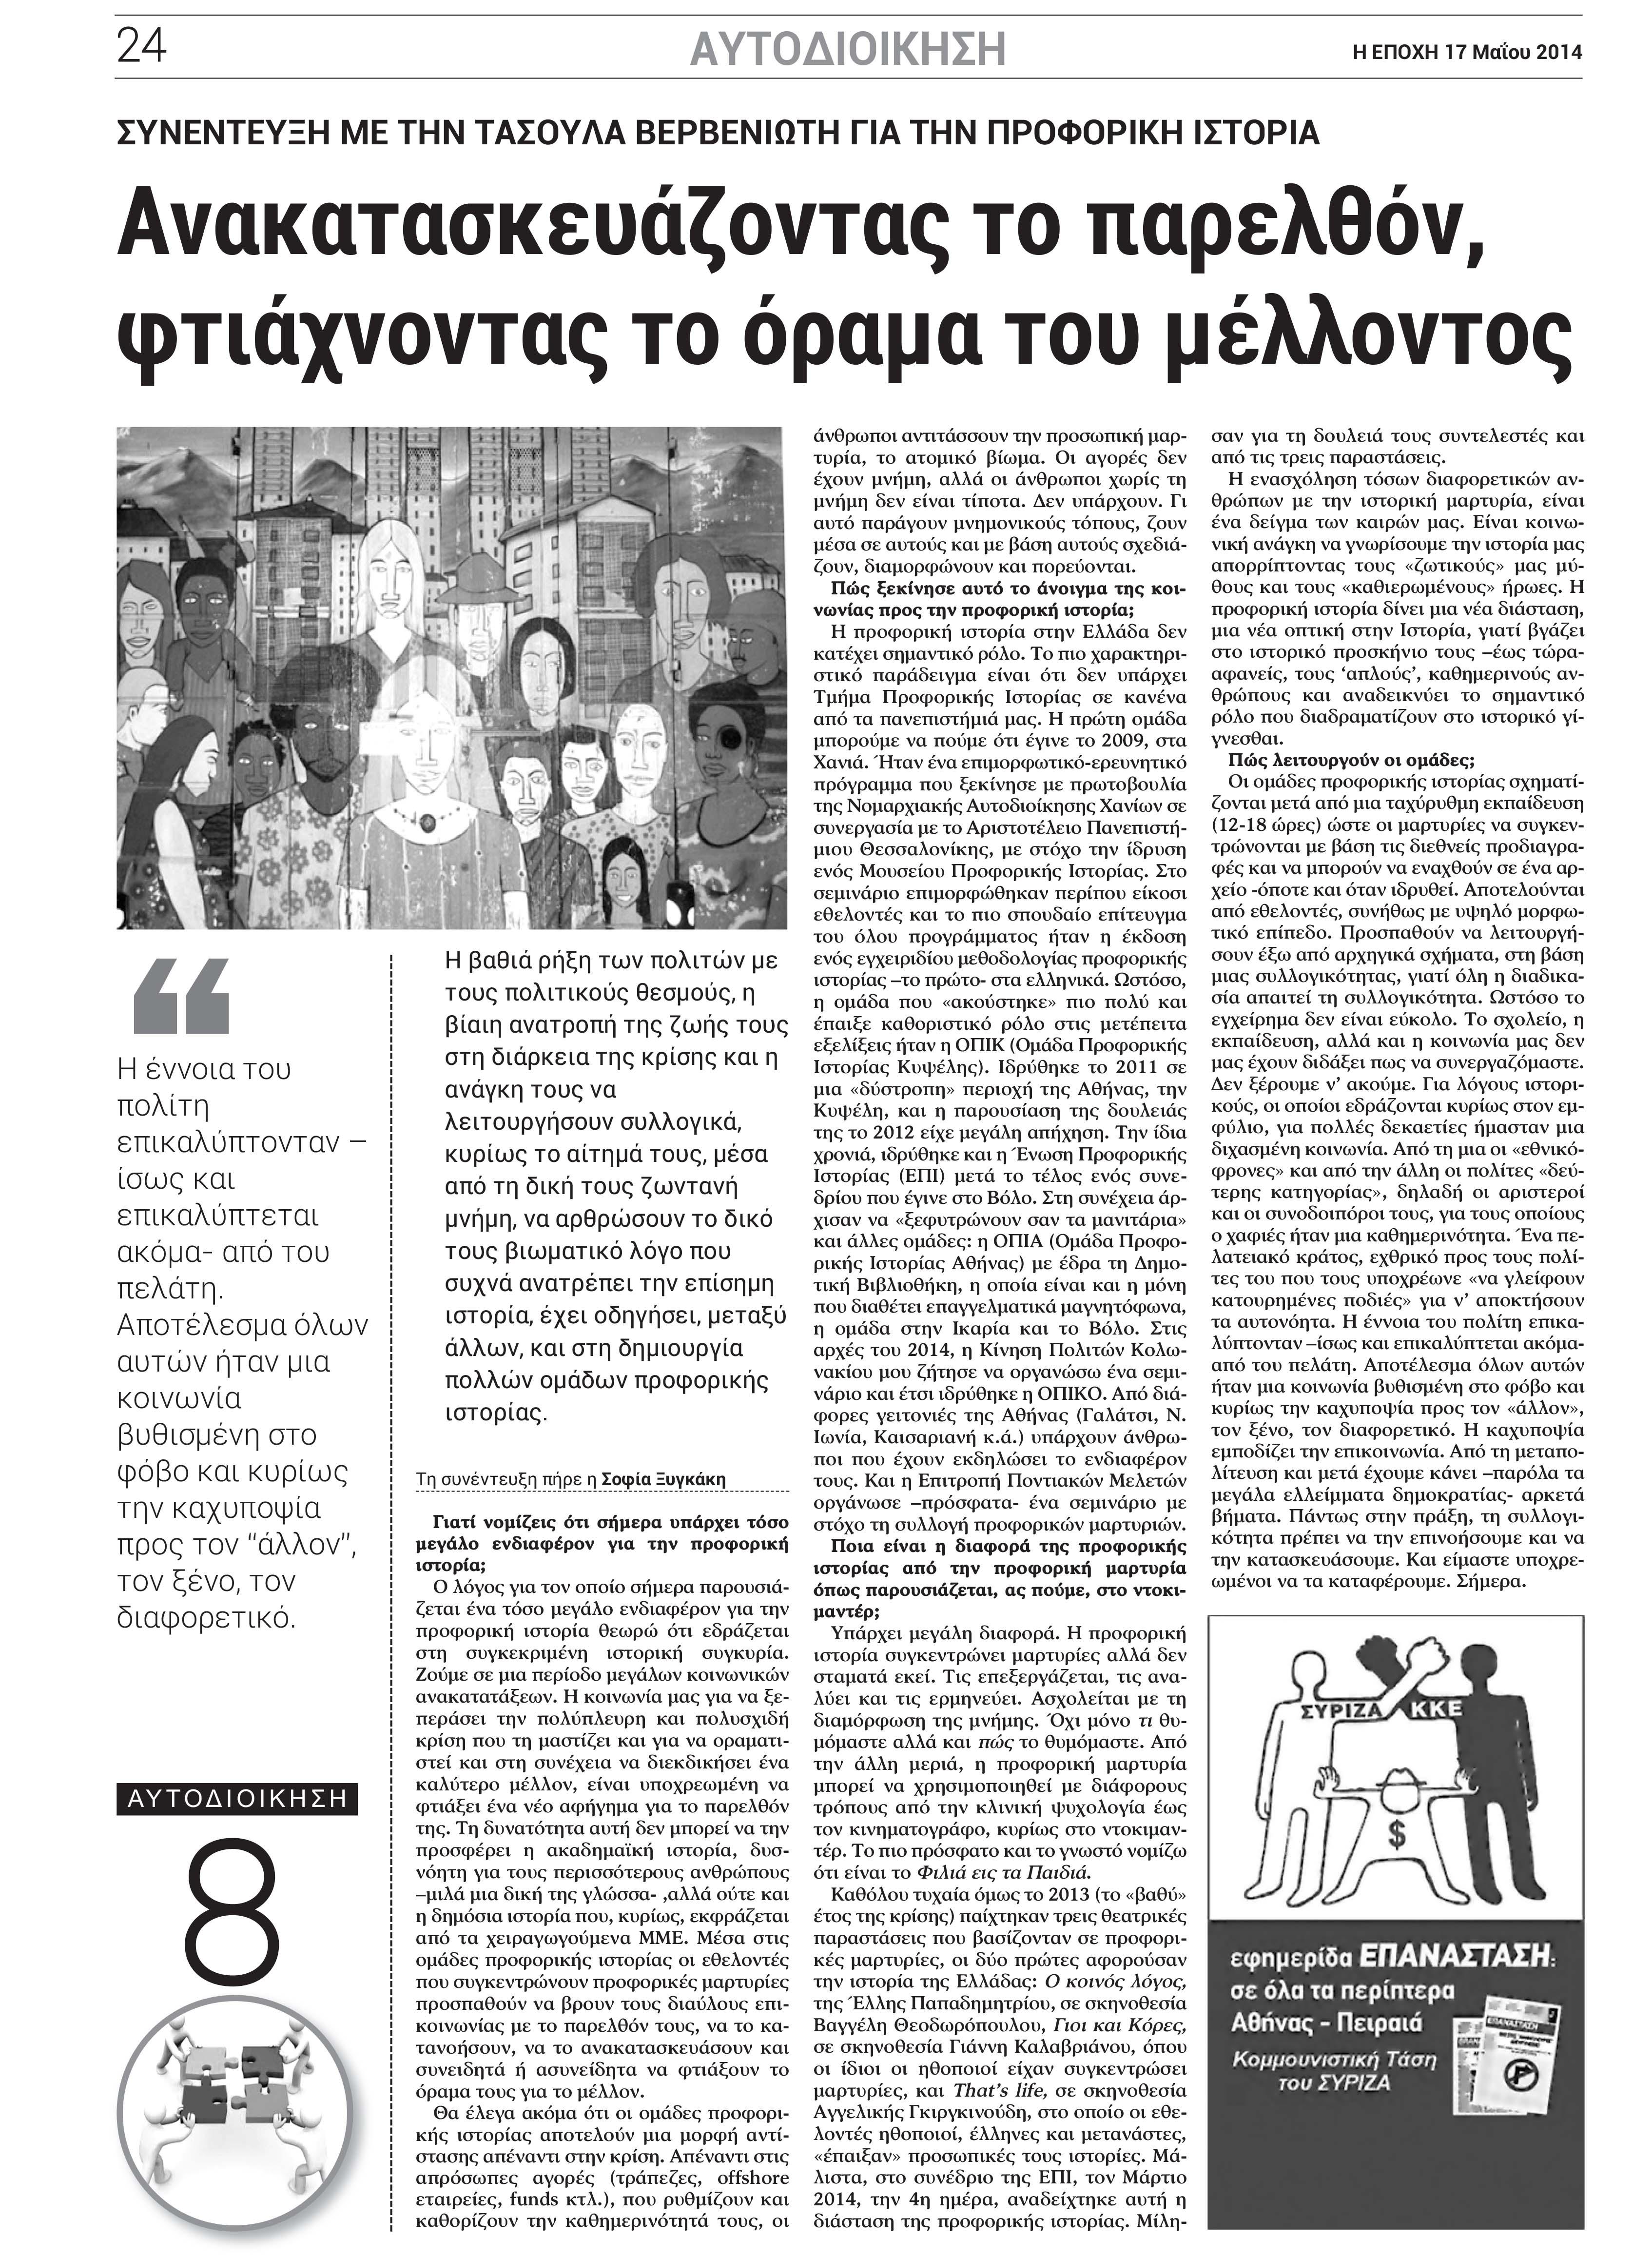 epohi-17-5-2014-24